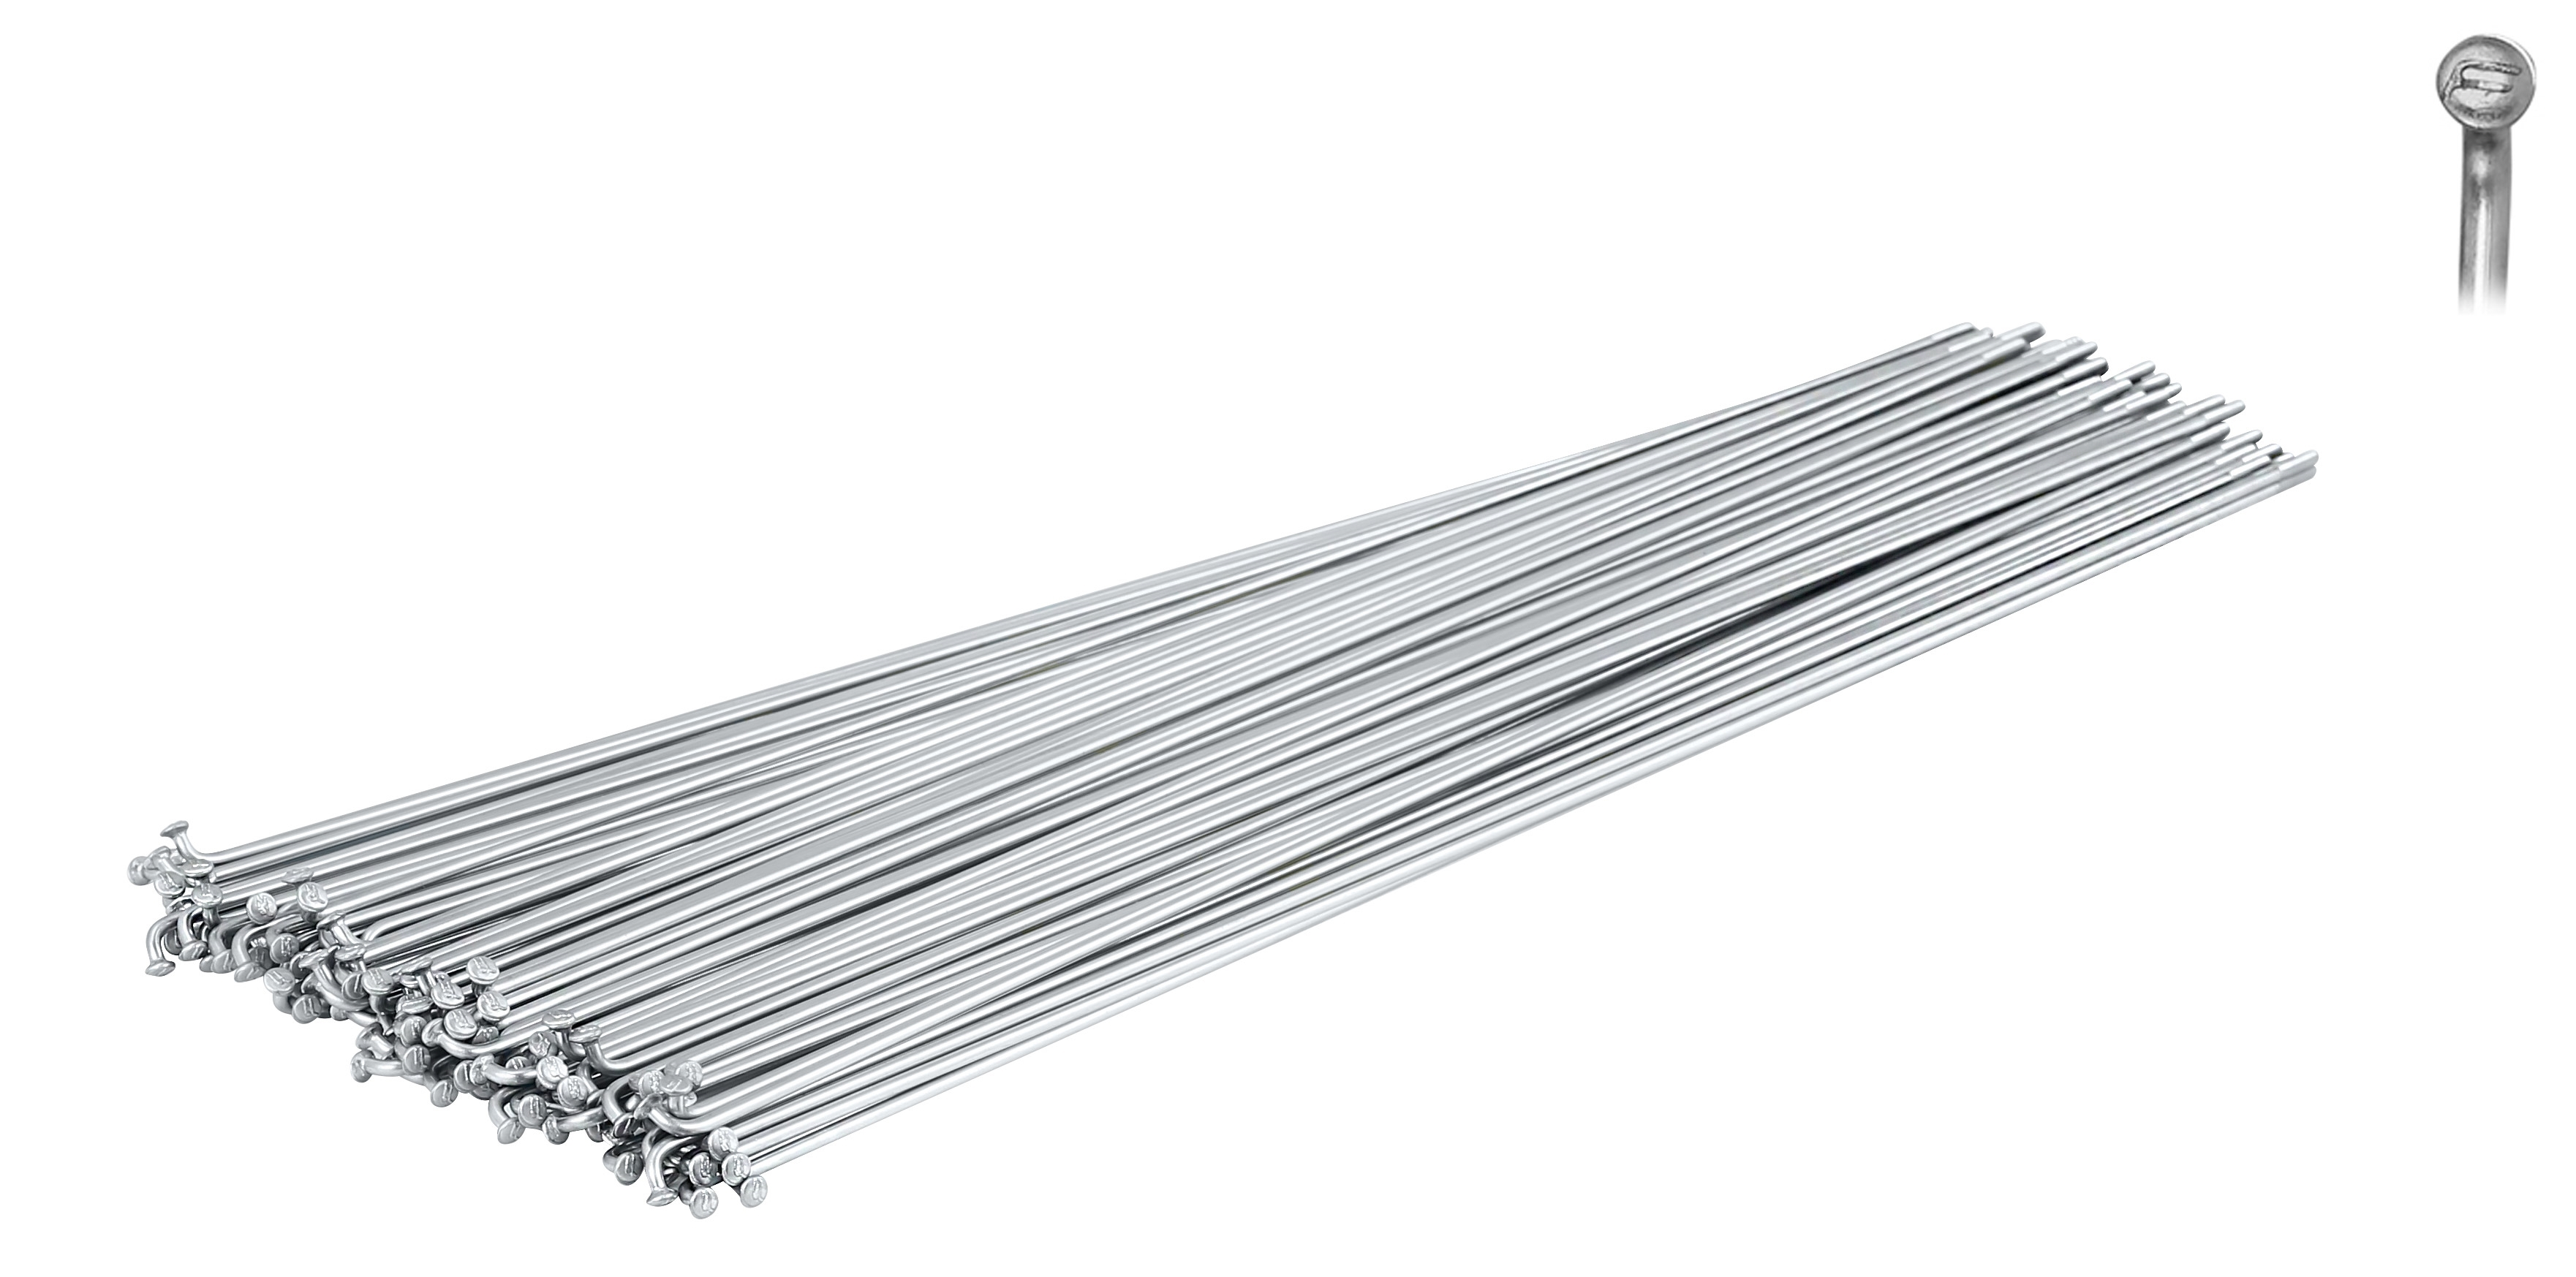 dráty FORCE nerez stříbrné 2 mm x 270 mm